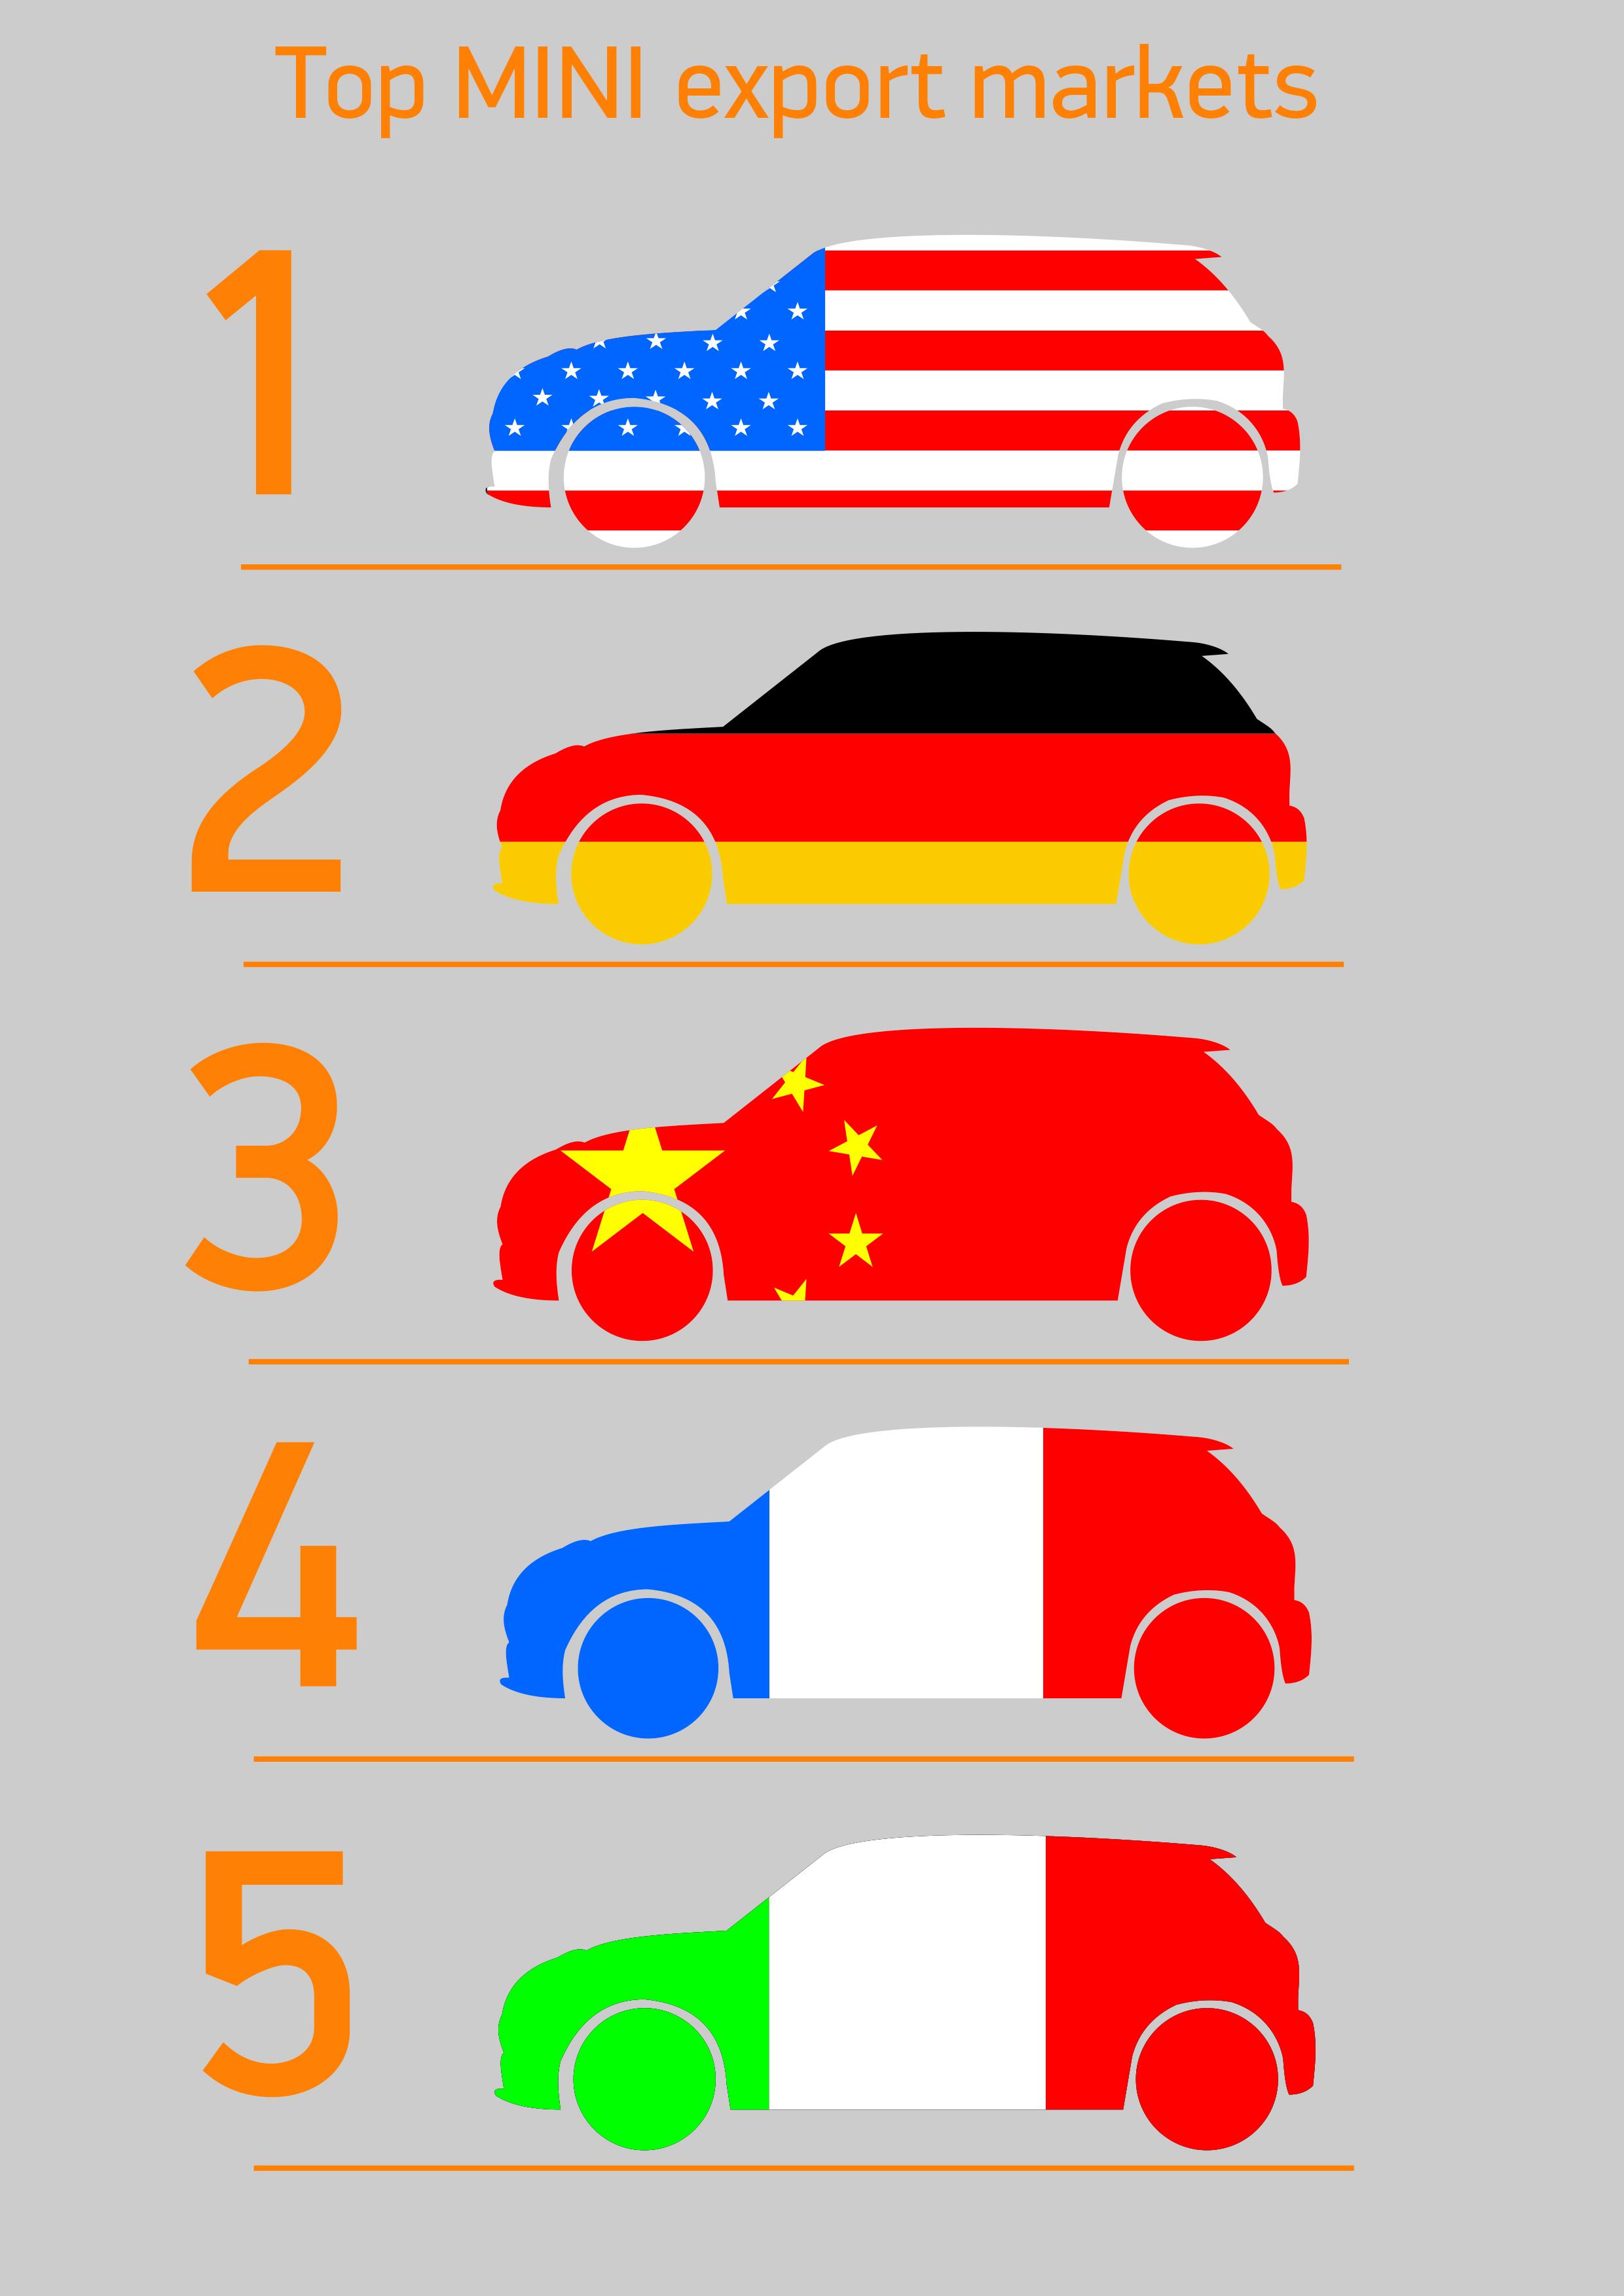 Top 5 export markets for MINI